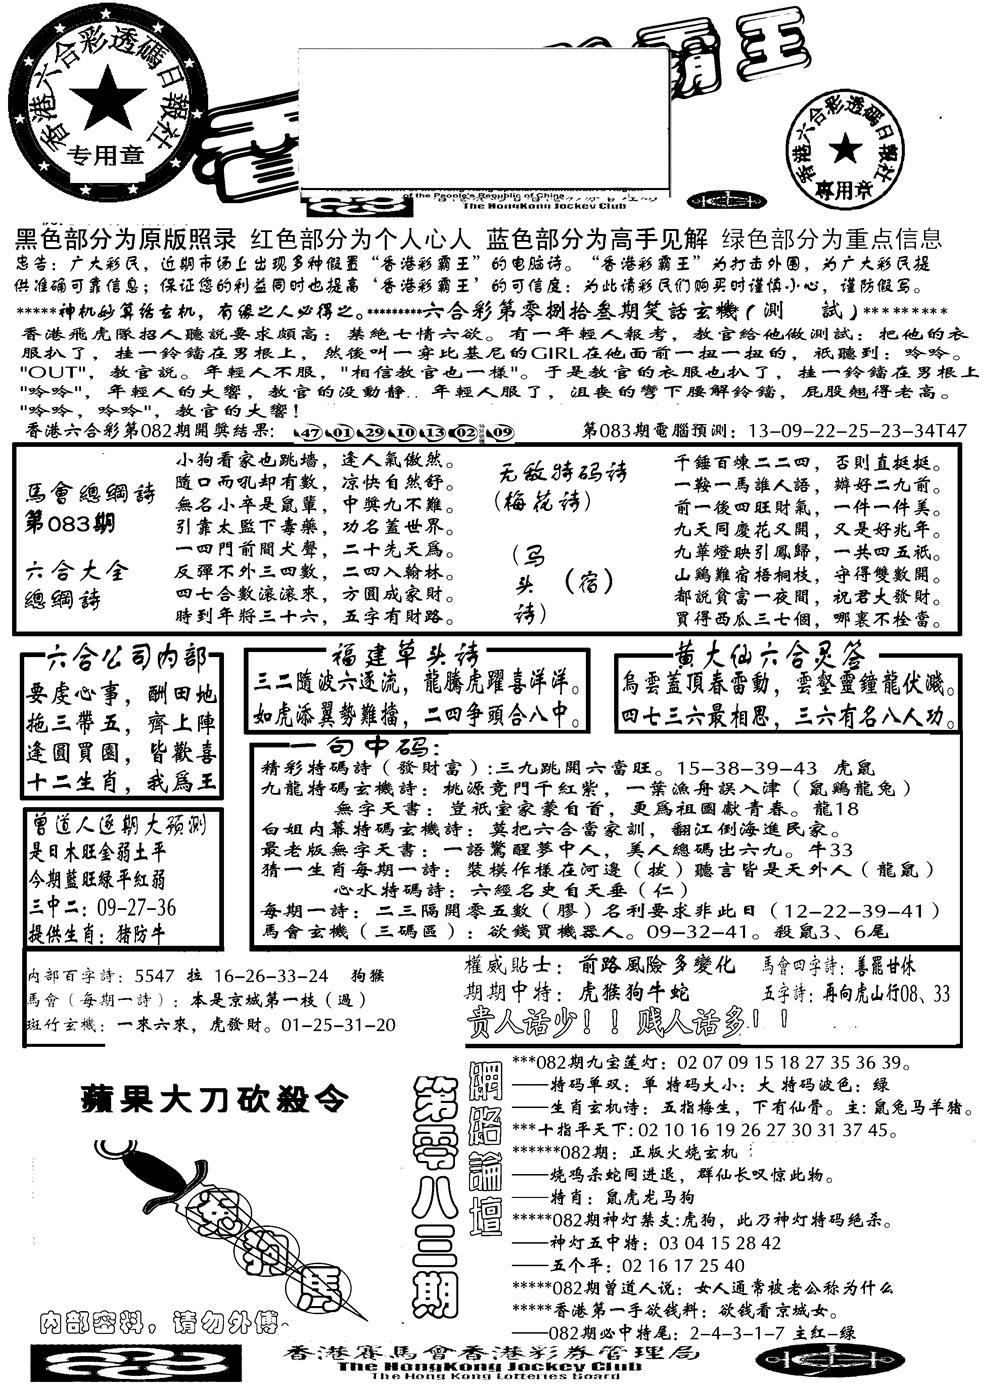 083期大刀彩霸王A(黑白)